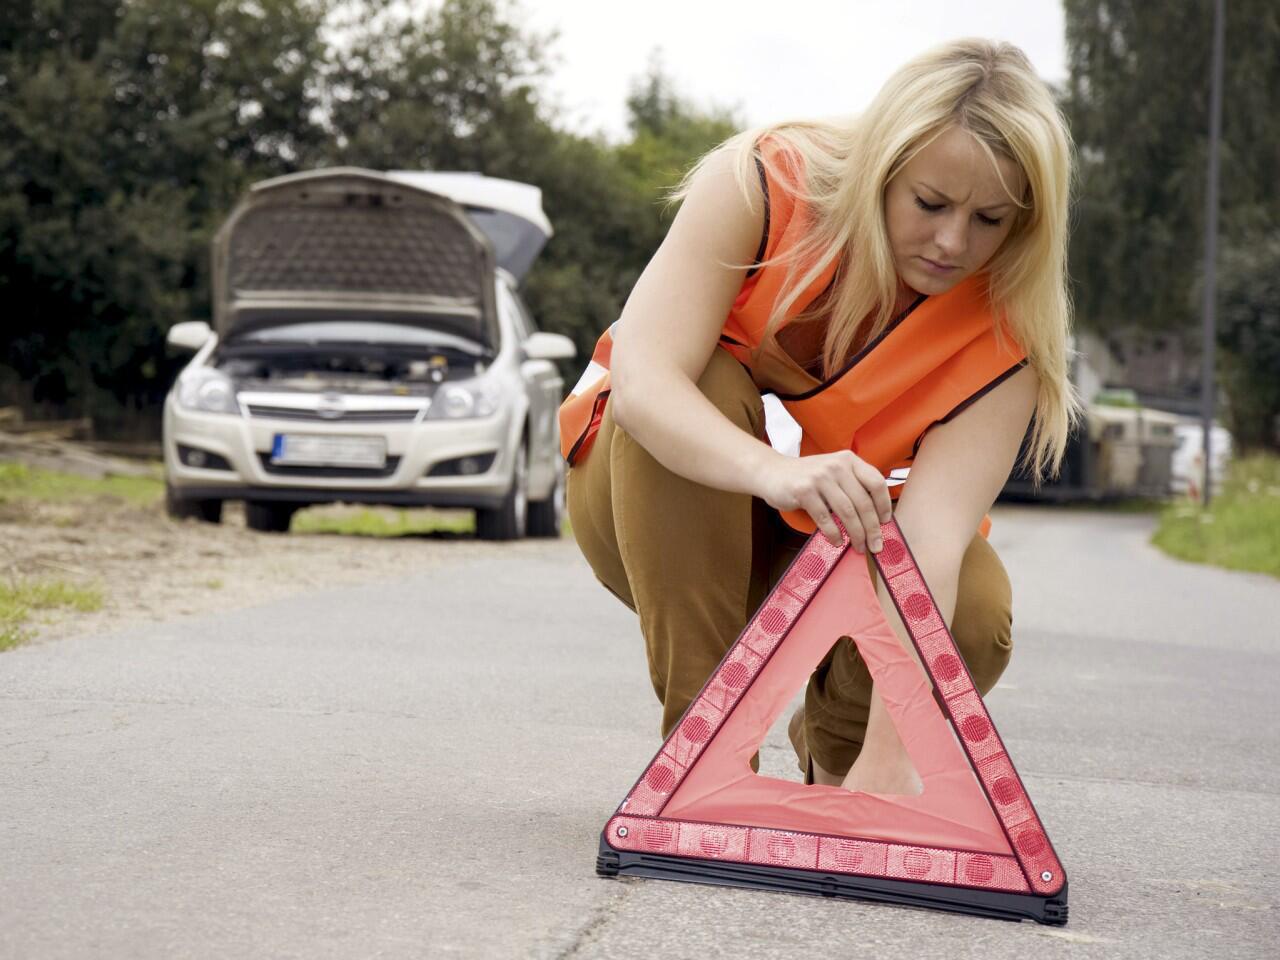 Bild zu Unfallstelle absichern: So verhalten Sie sich nach einem Verkehrsunfall richtig